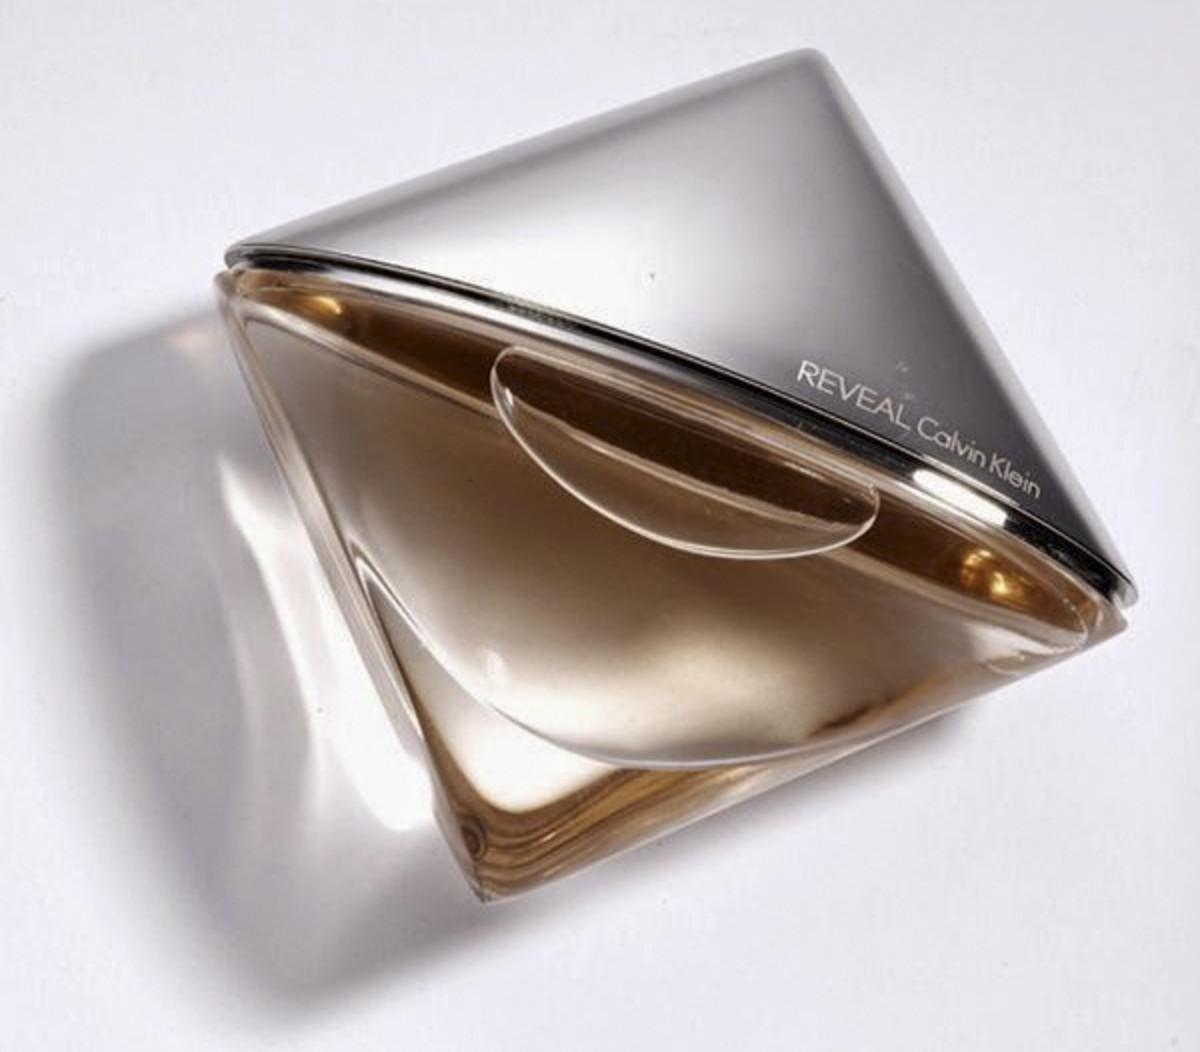 Reveal Calvin Klein eau de parfum